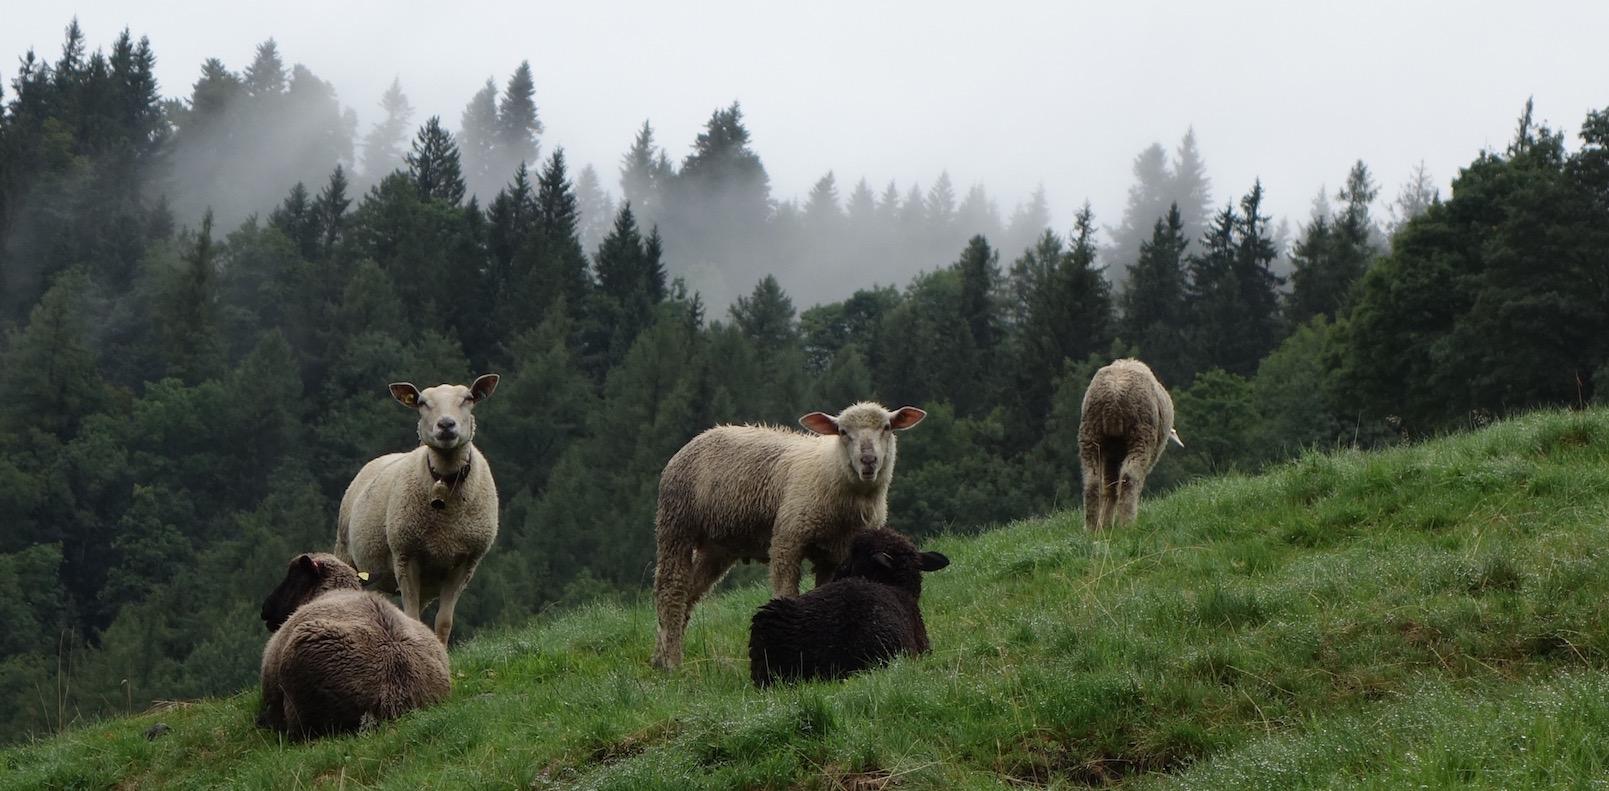 Wandern in einem Tal, wo sich Berglöwe und Hirsch gute Nacht sagen: ursprüngliches Luzerner Eigenthal